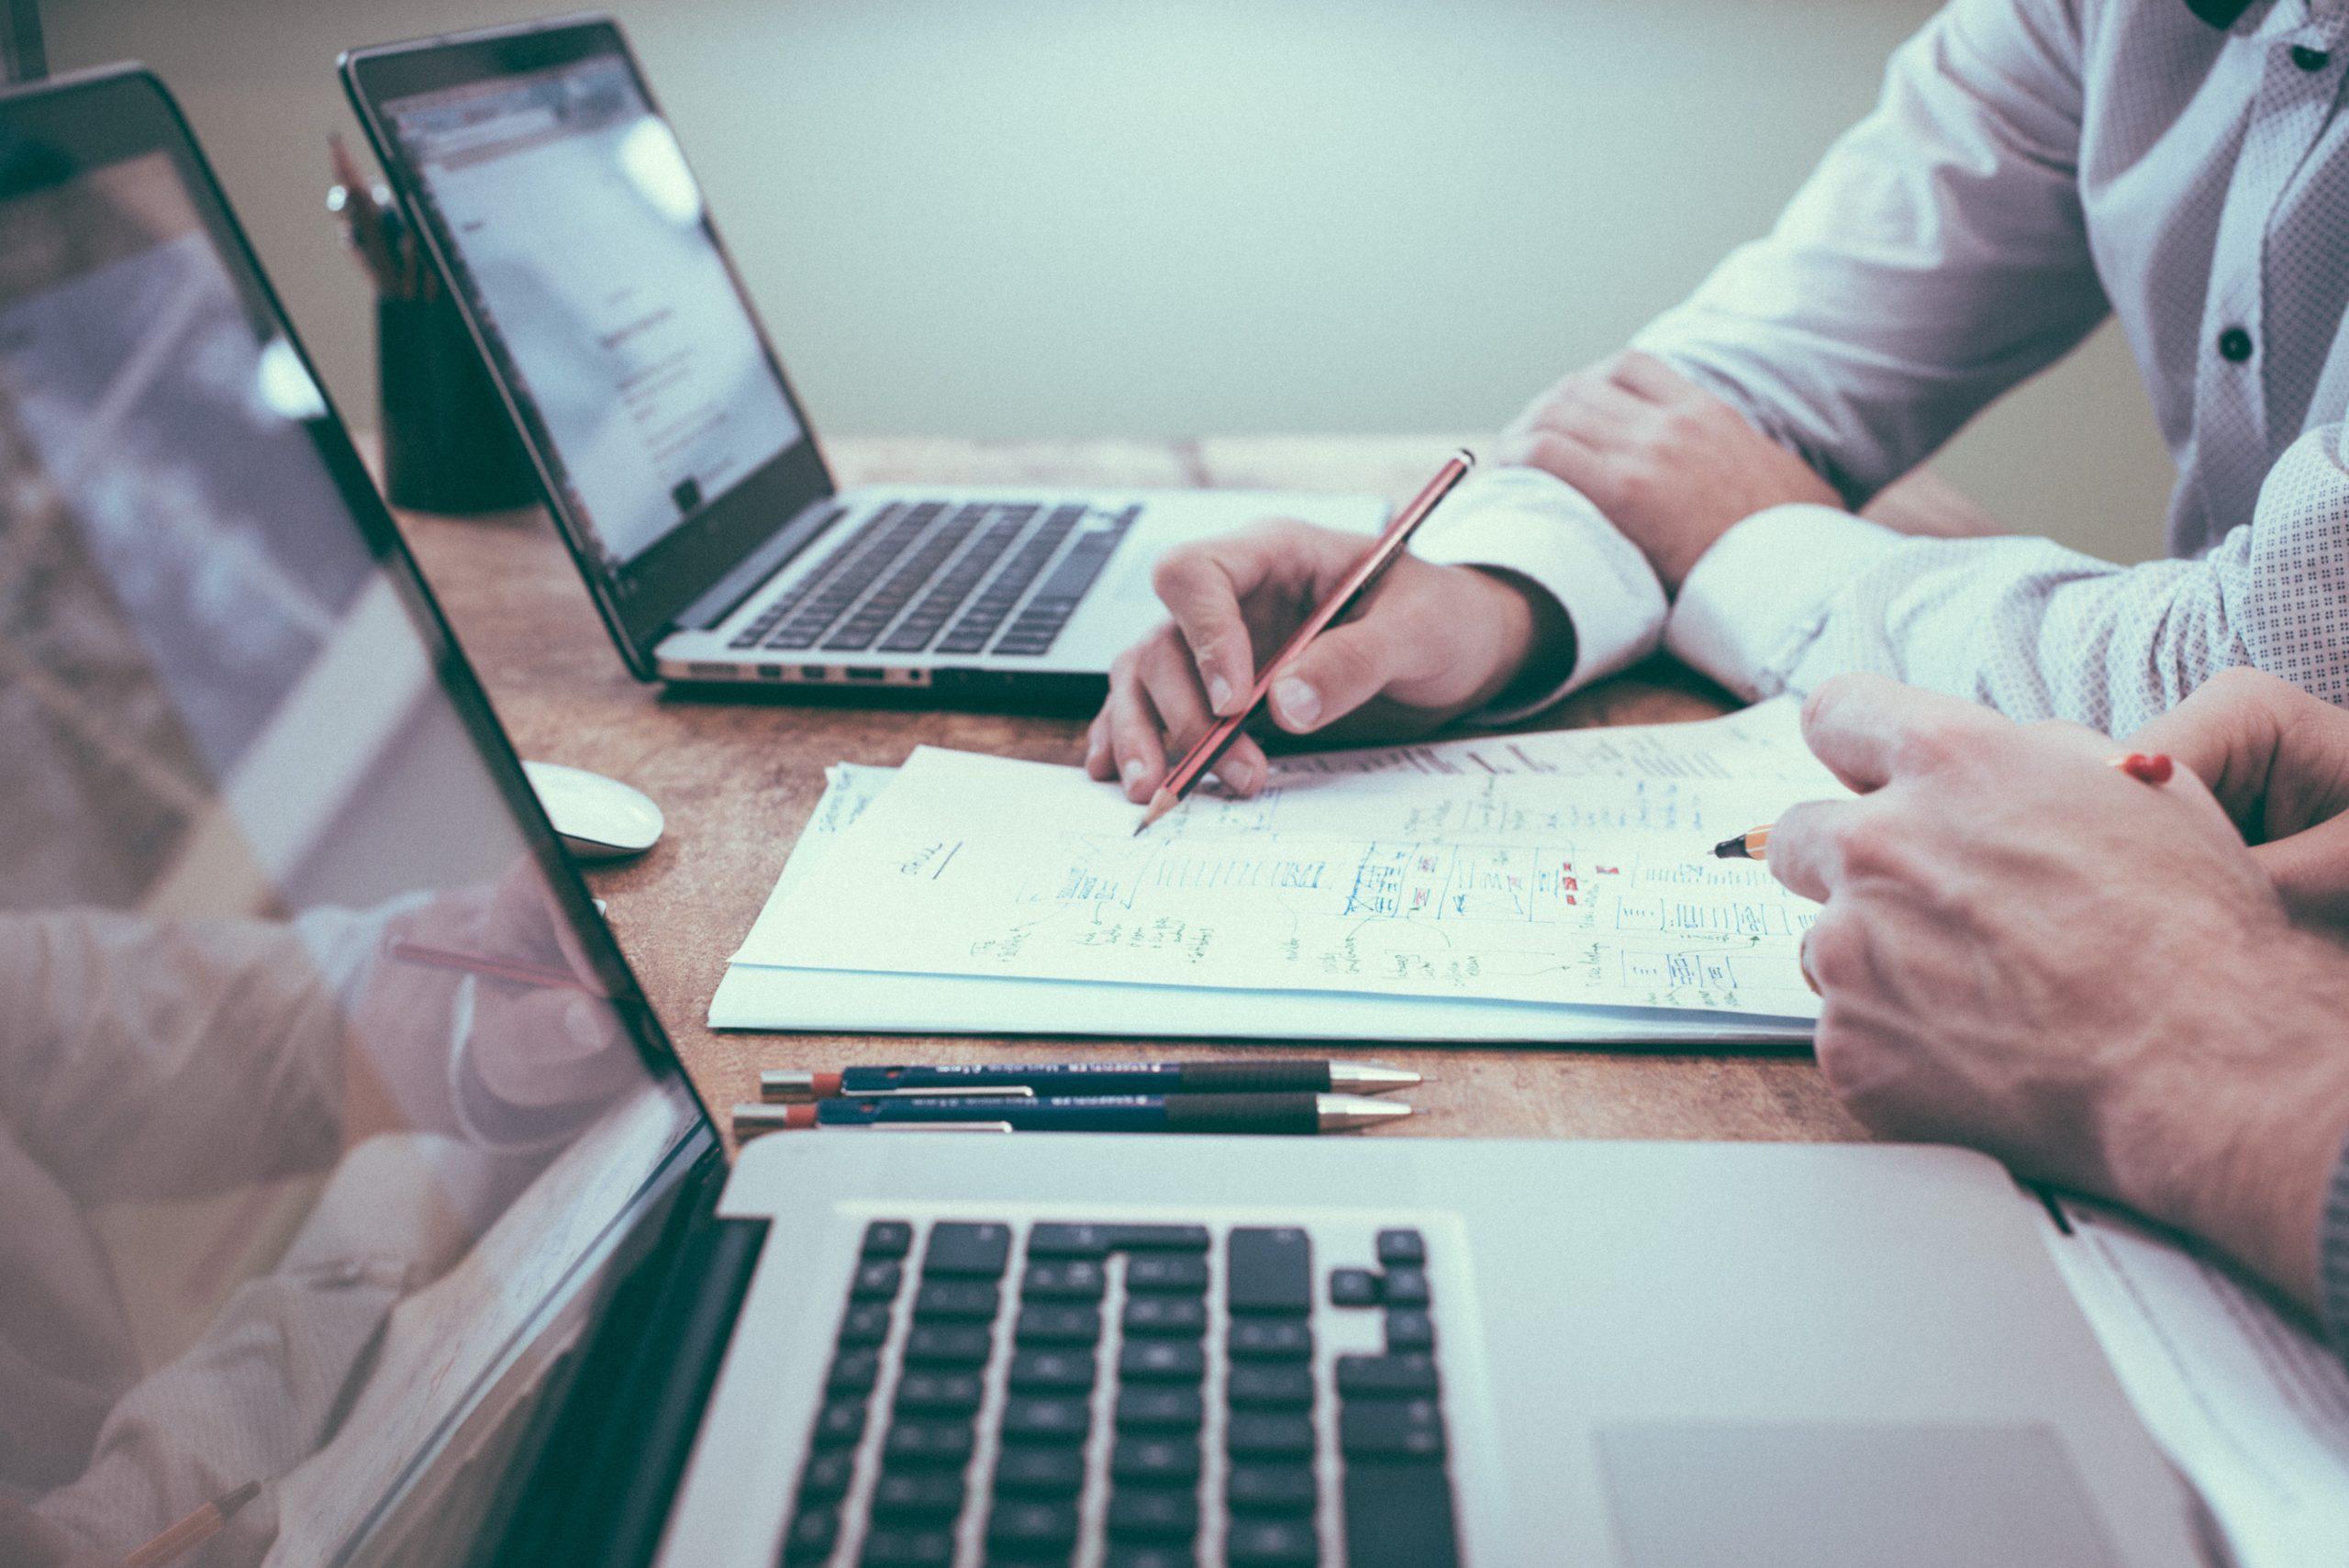 Quais são os principais aspectos da gestão de fornecedores?